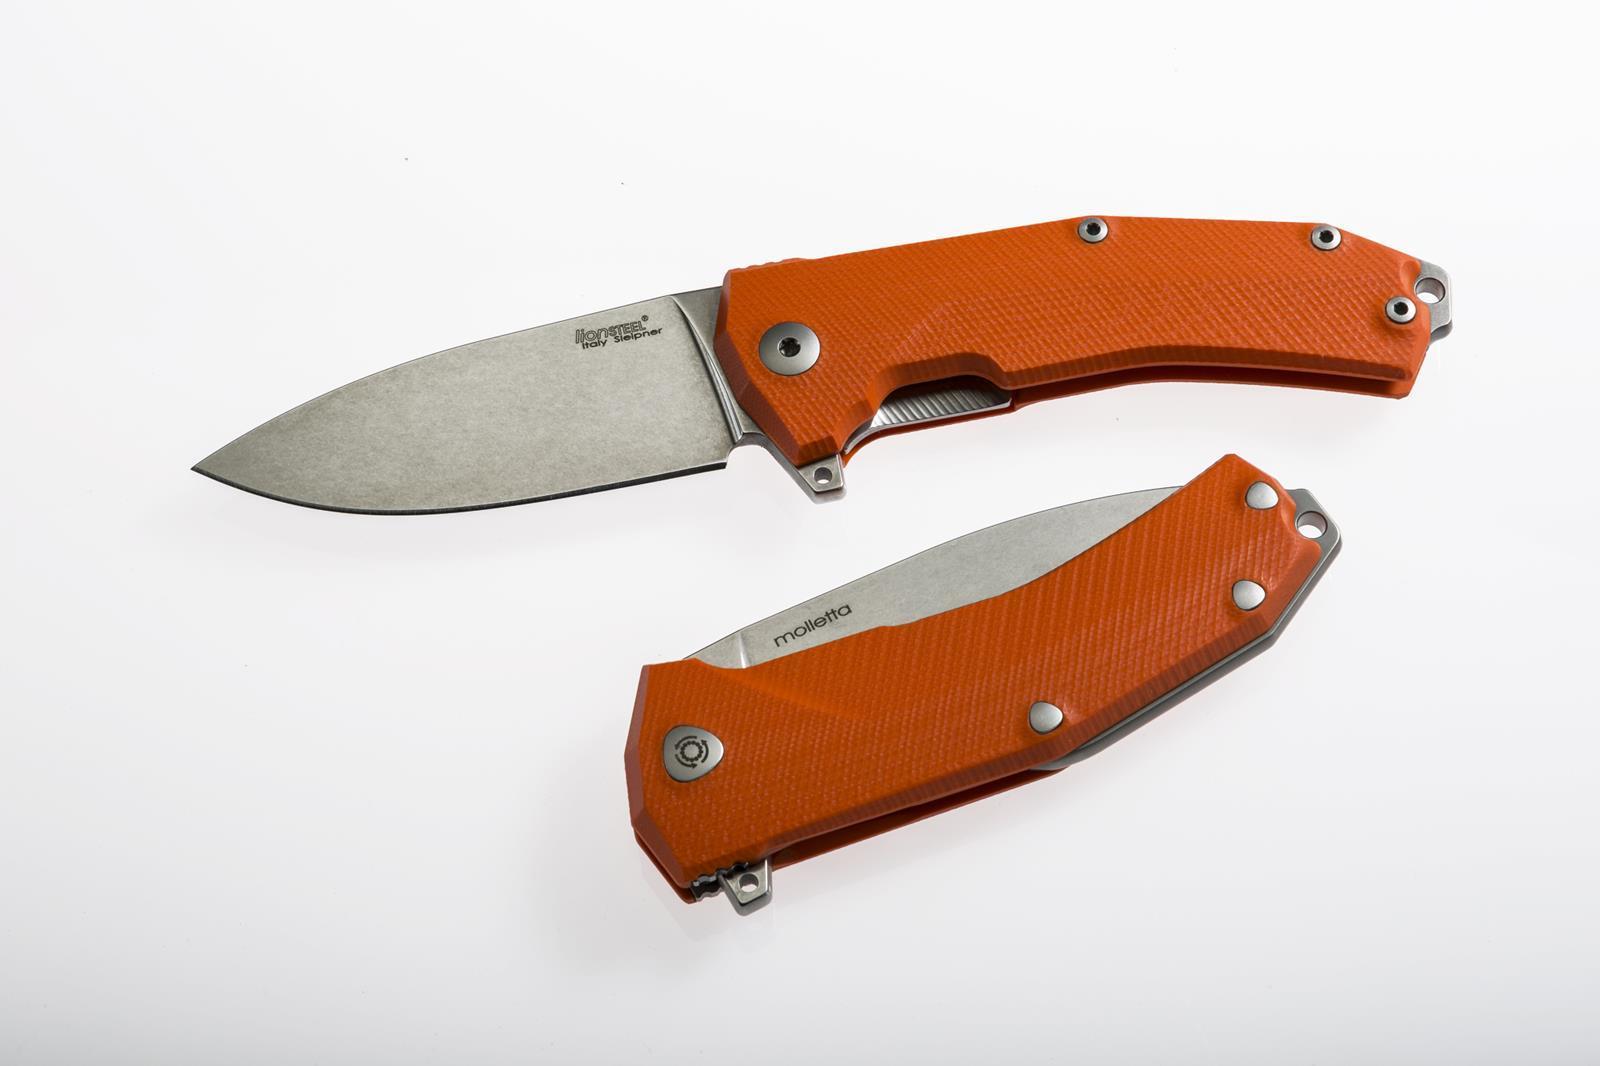 Фото 6 - Нож складной LionSteel KUR OR G10 Orange Flipper, сталь Uddeholm Sleipner®, стеклотекстолит, оранжевый от Lion Steel